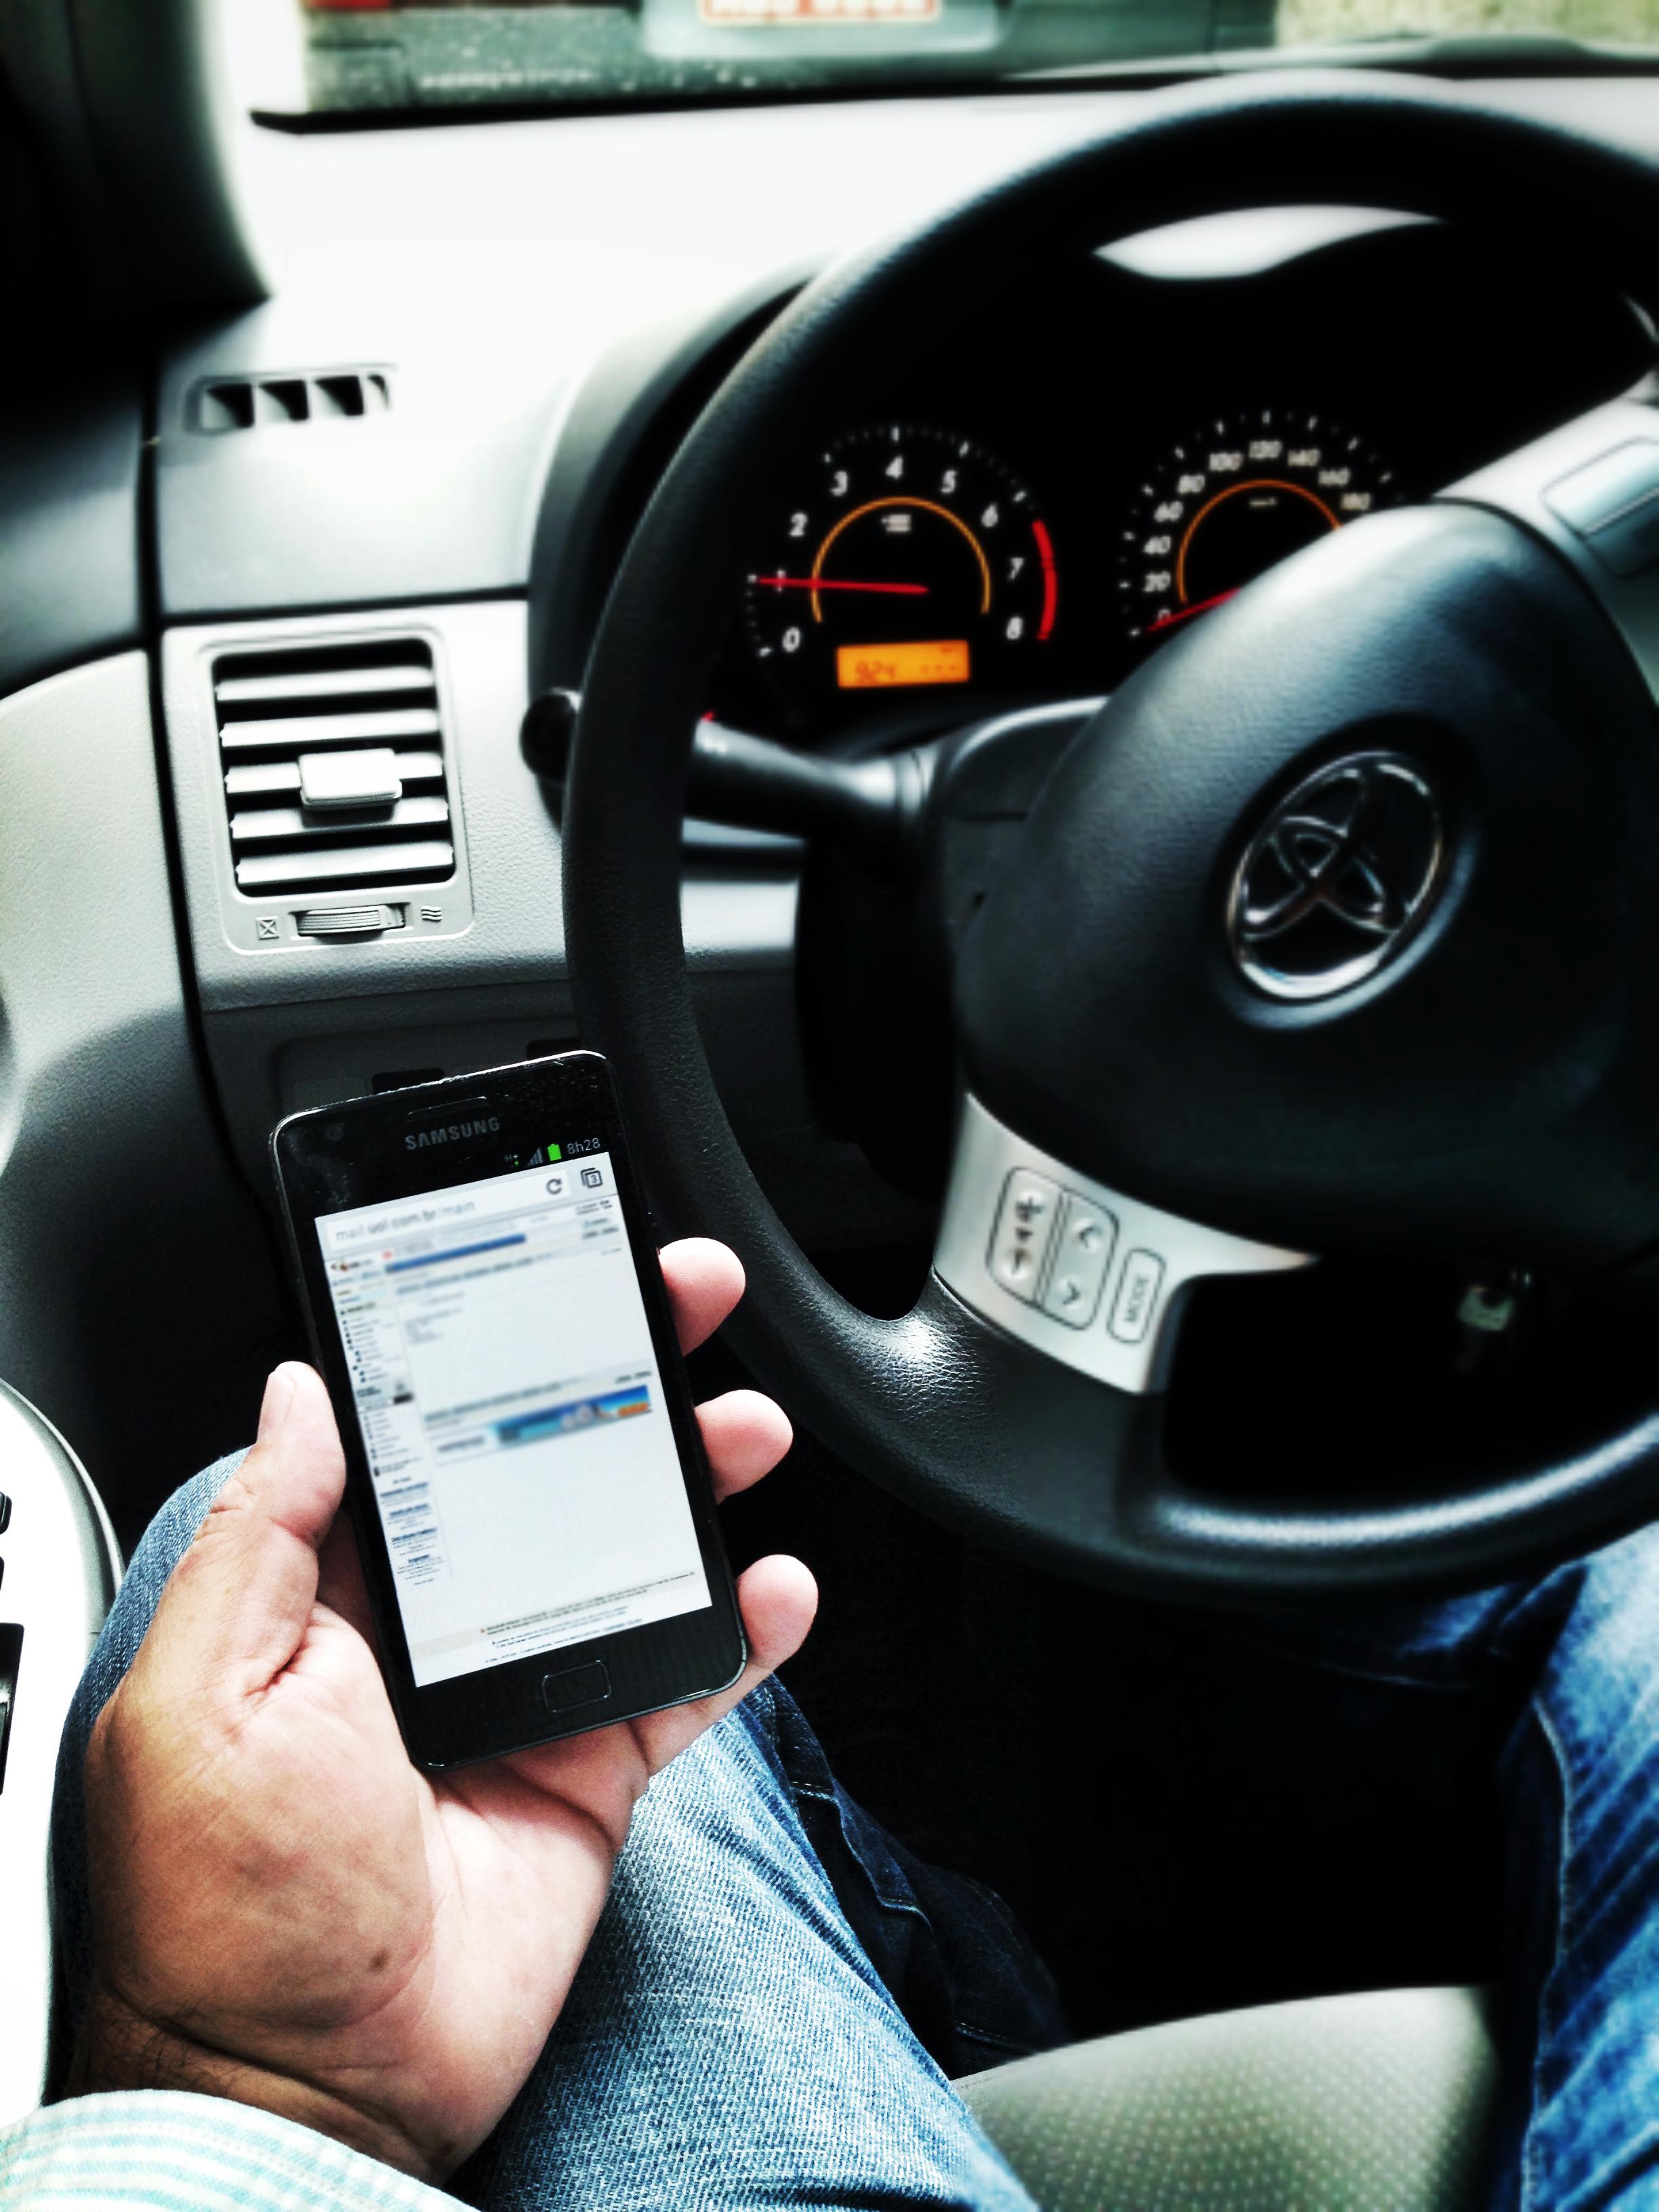 Operar smartphones pela voz, no trânsito, é tão perigoso quanto digitar (Foto: Gisele Góes)